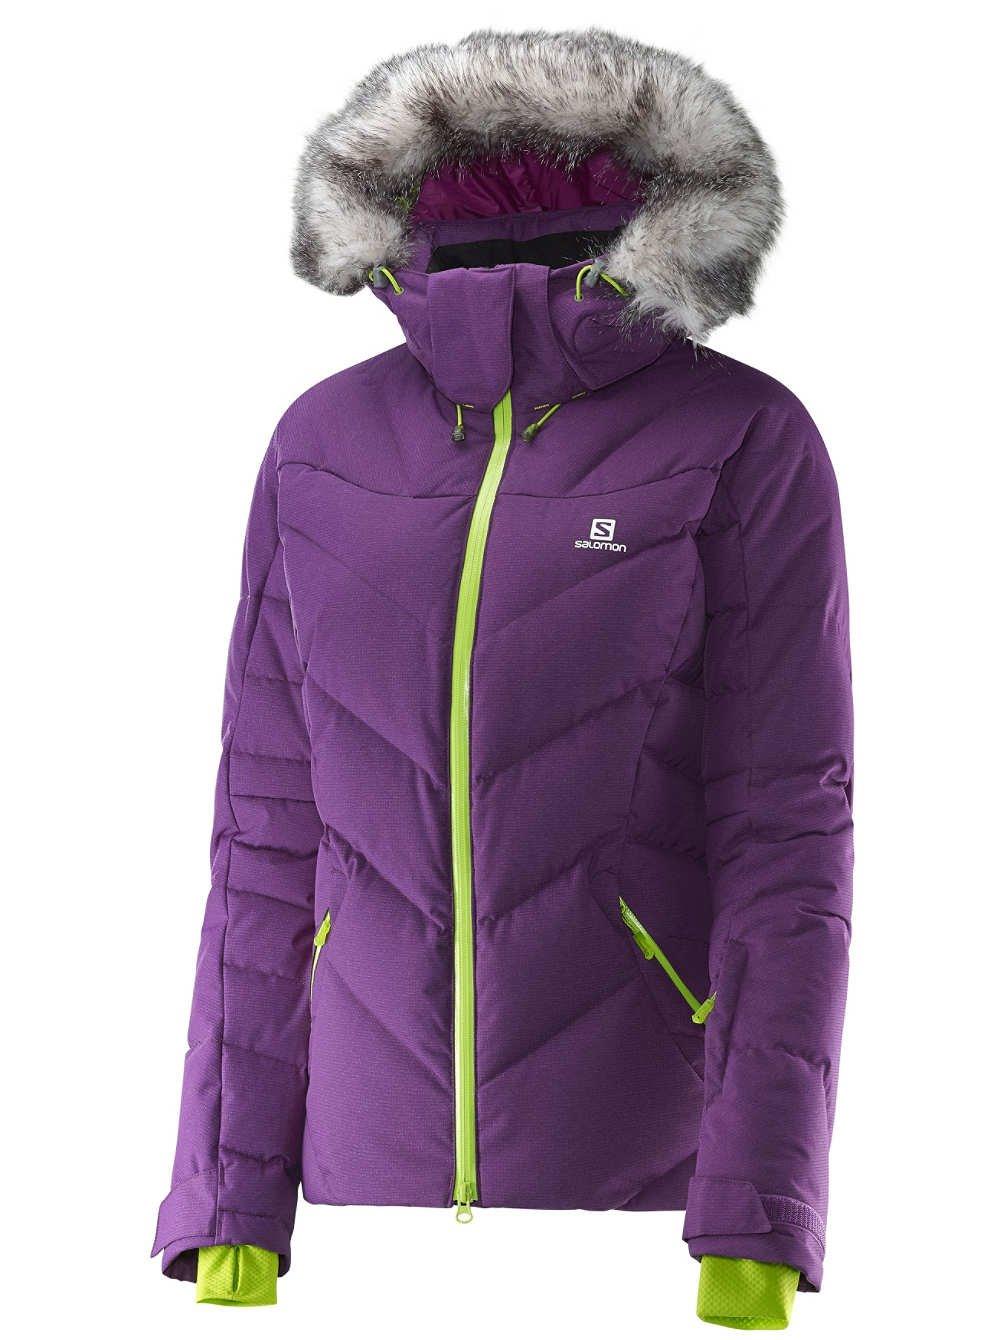 Damen Snowboard Jacke Salomon Icetown Jacket online kaufen